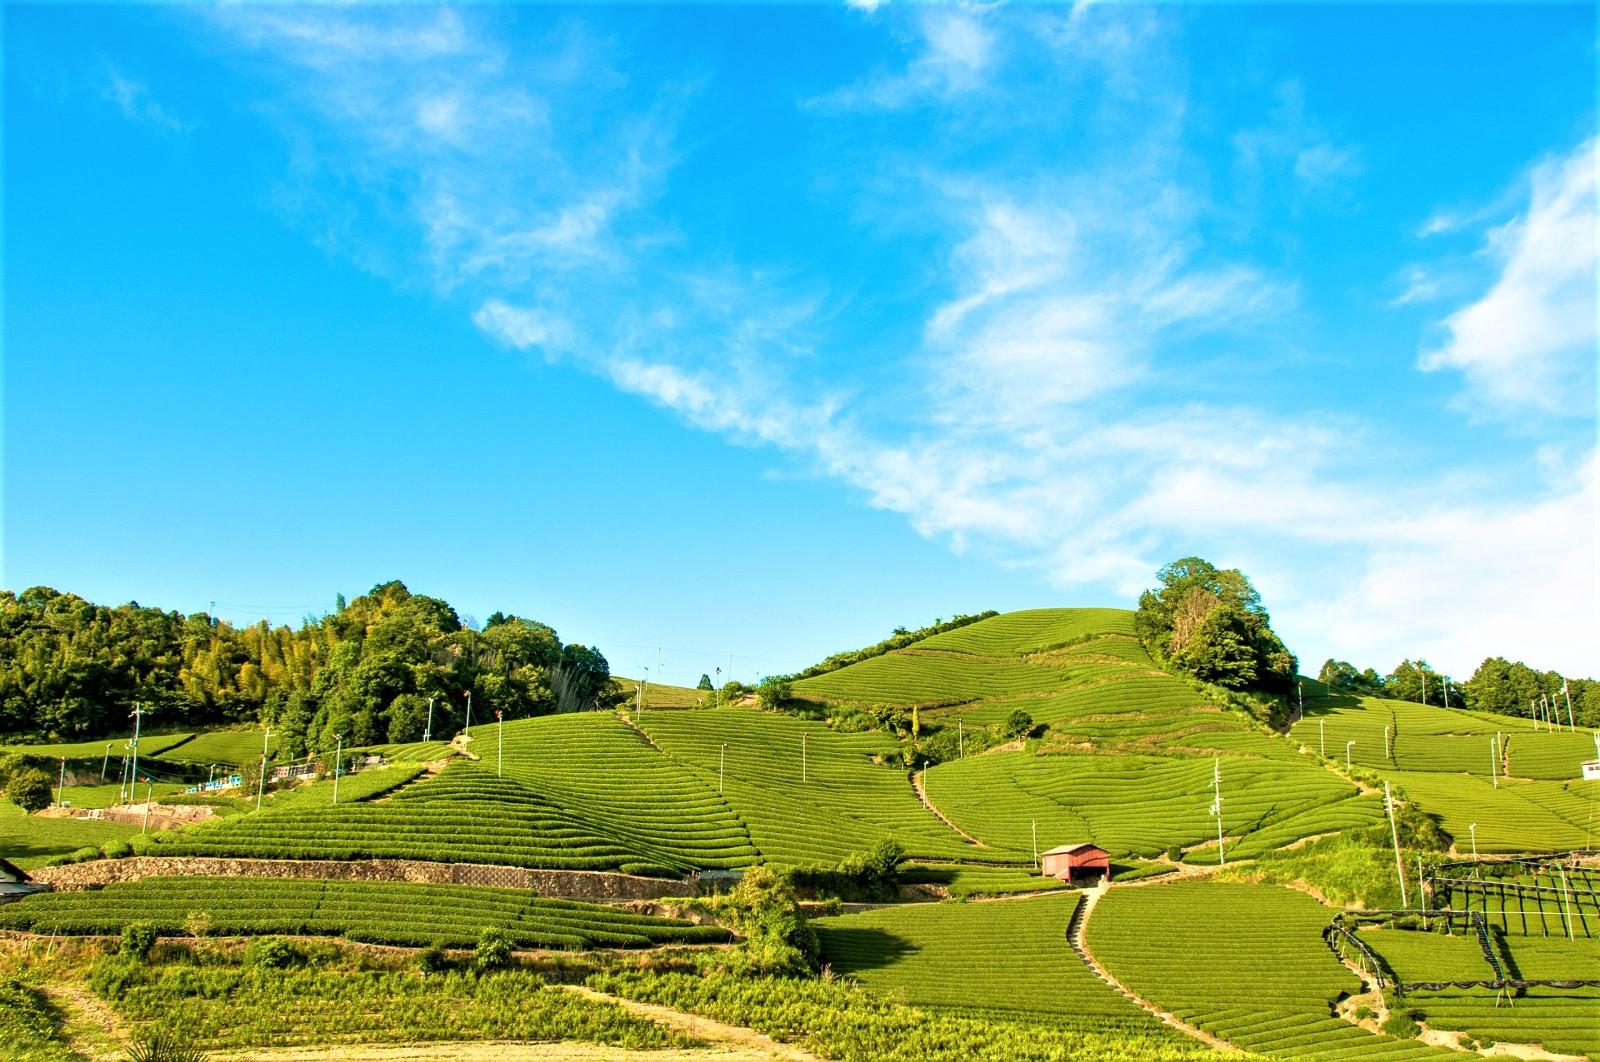 Wazuka Tea Farm: Kyoto's Hidden Teatopia